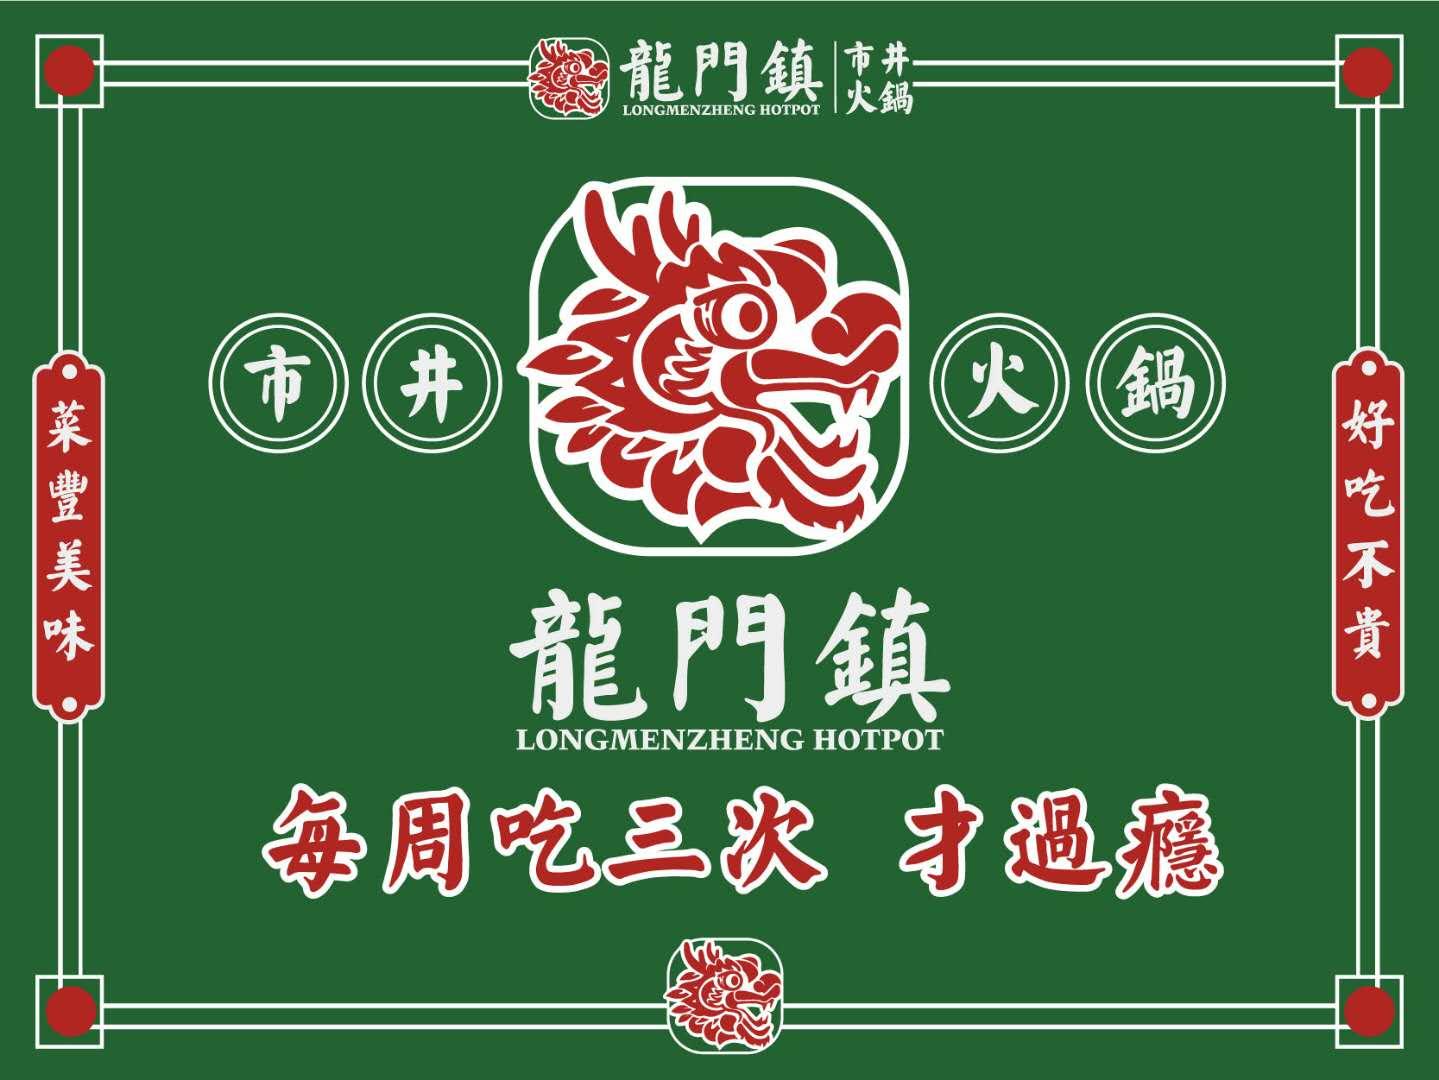 龙门镇重庆市井火锅加盟